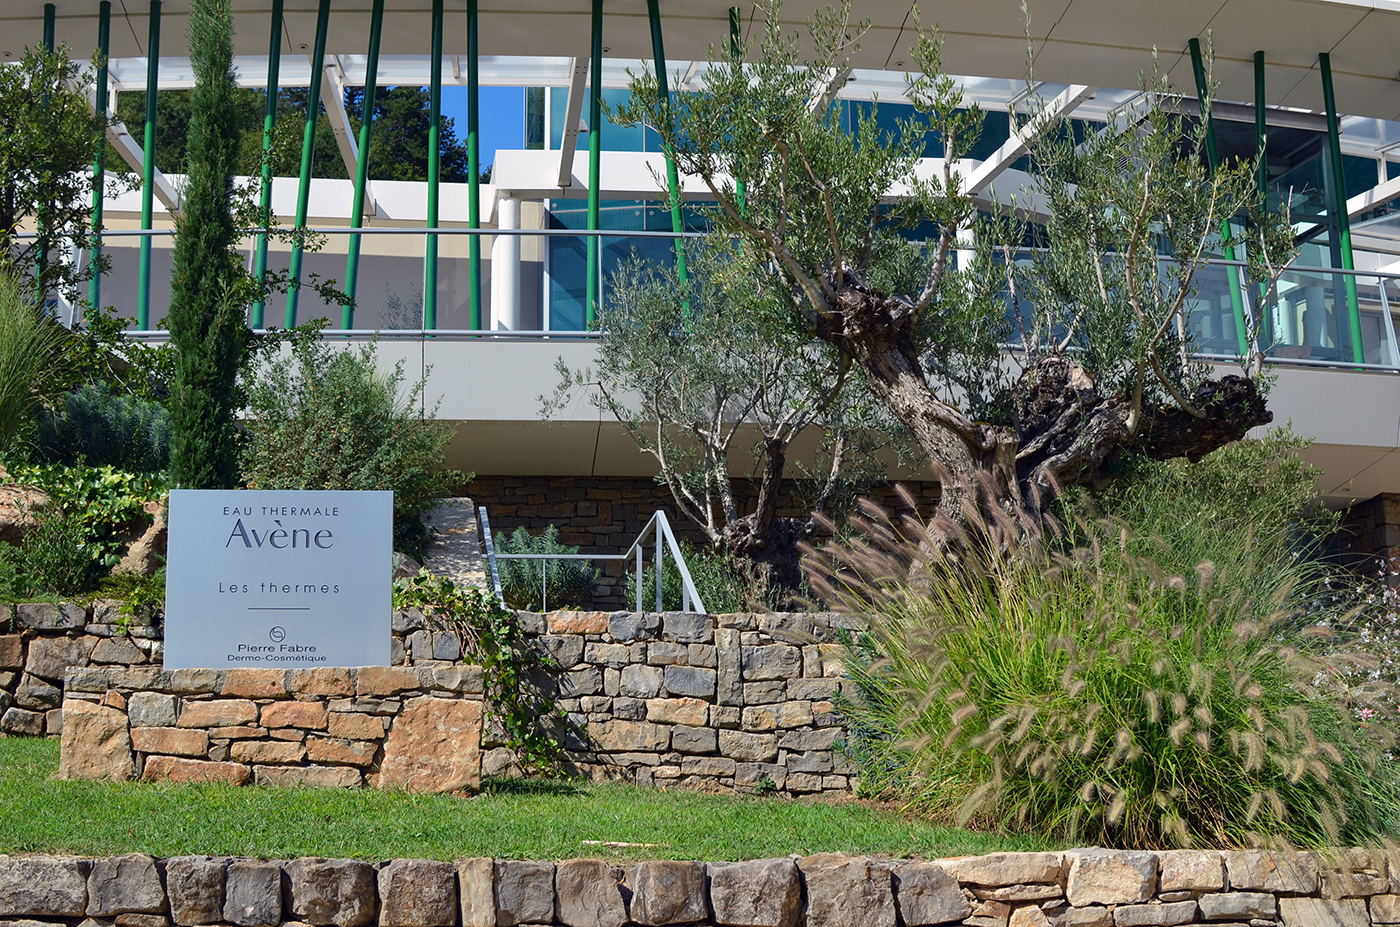 nouvel_hotel_avene2